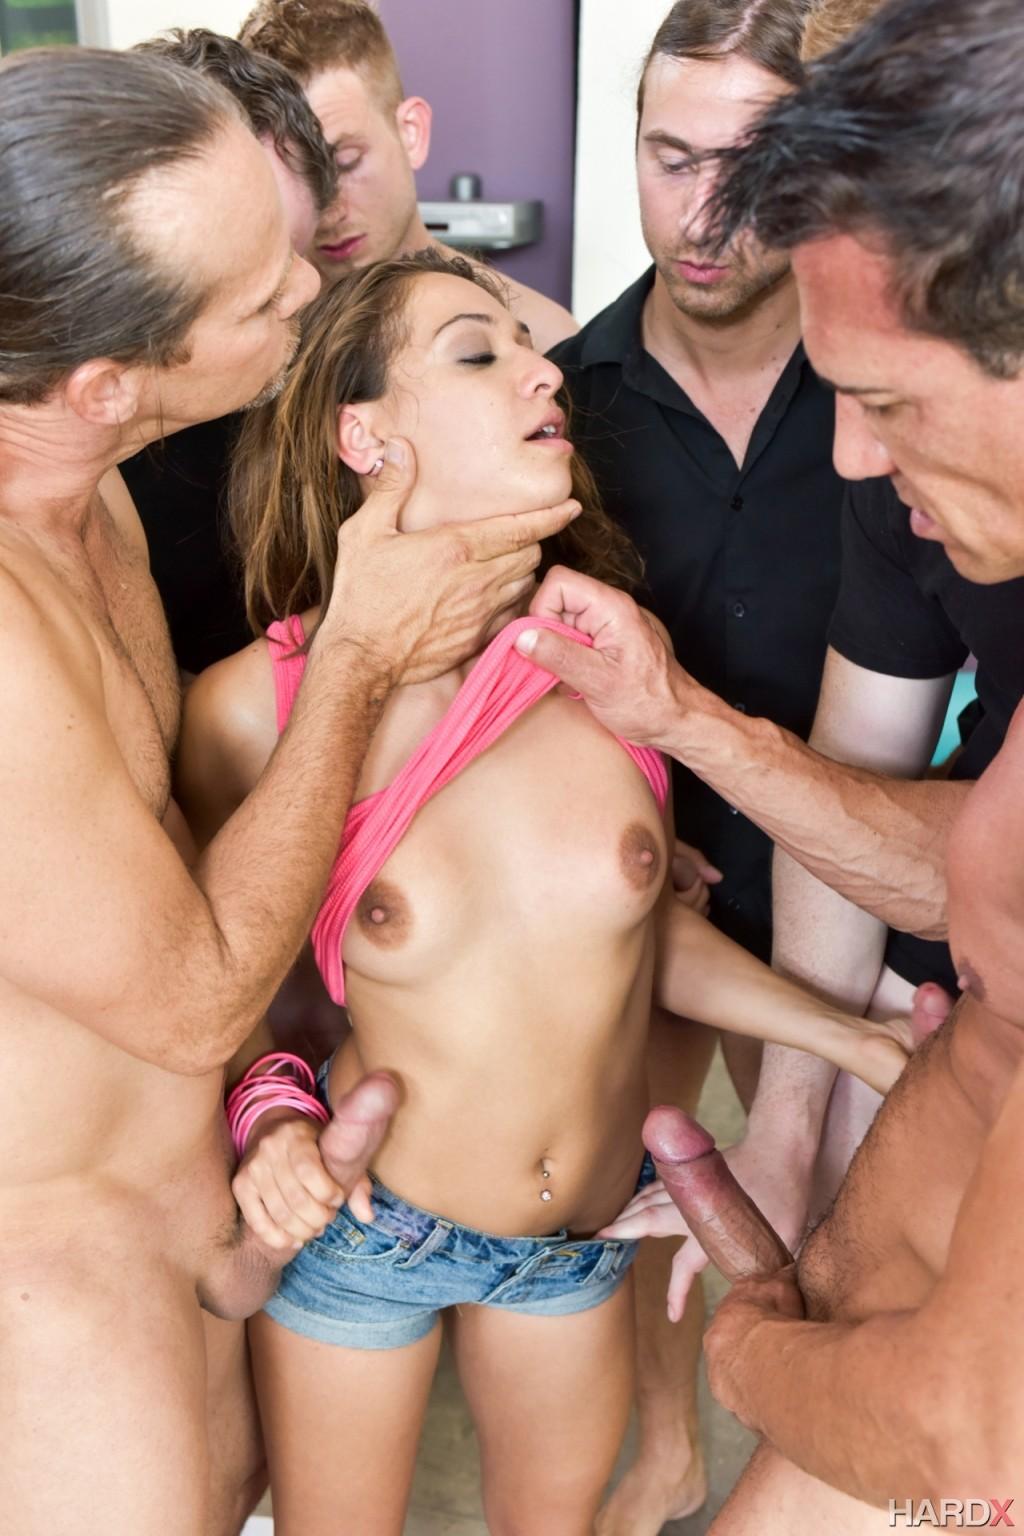 Молоденькая телочка очень хочет разврата и получает его с помощью нескольких мужчин